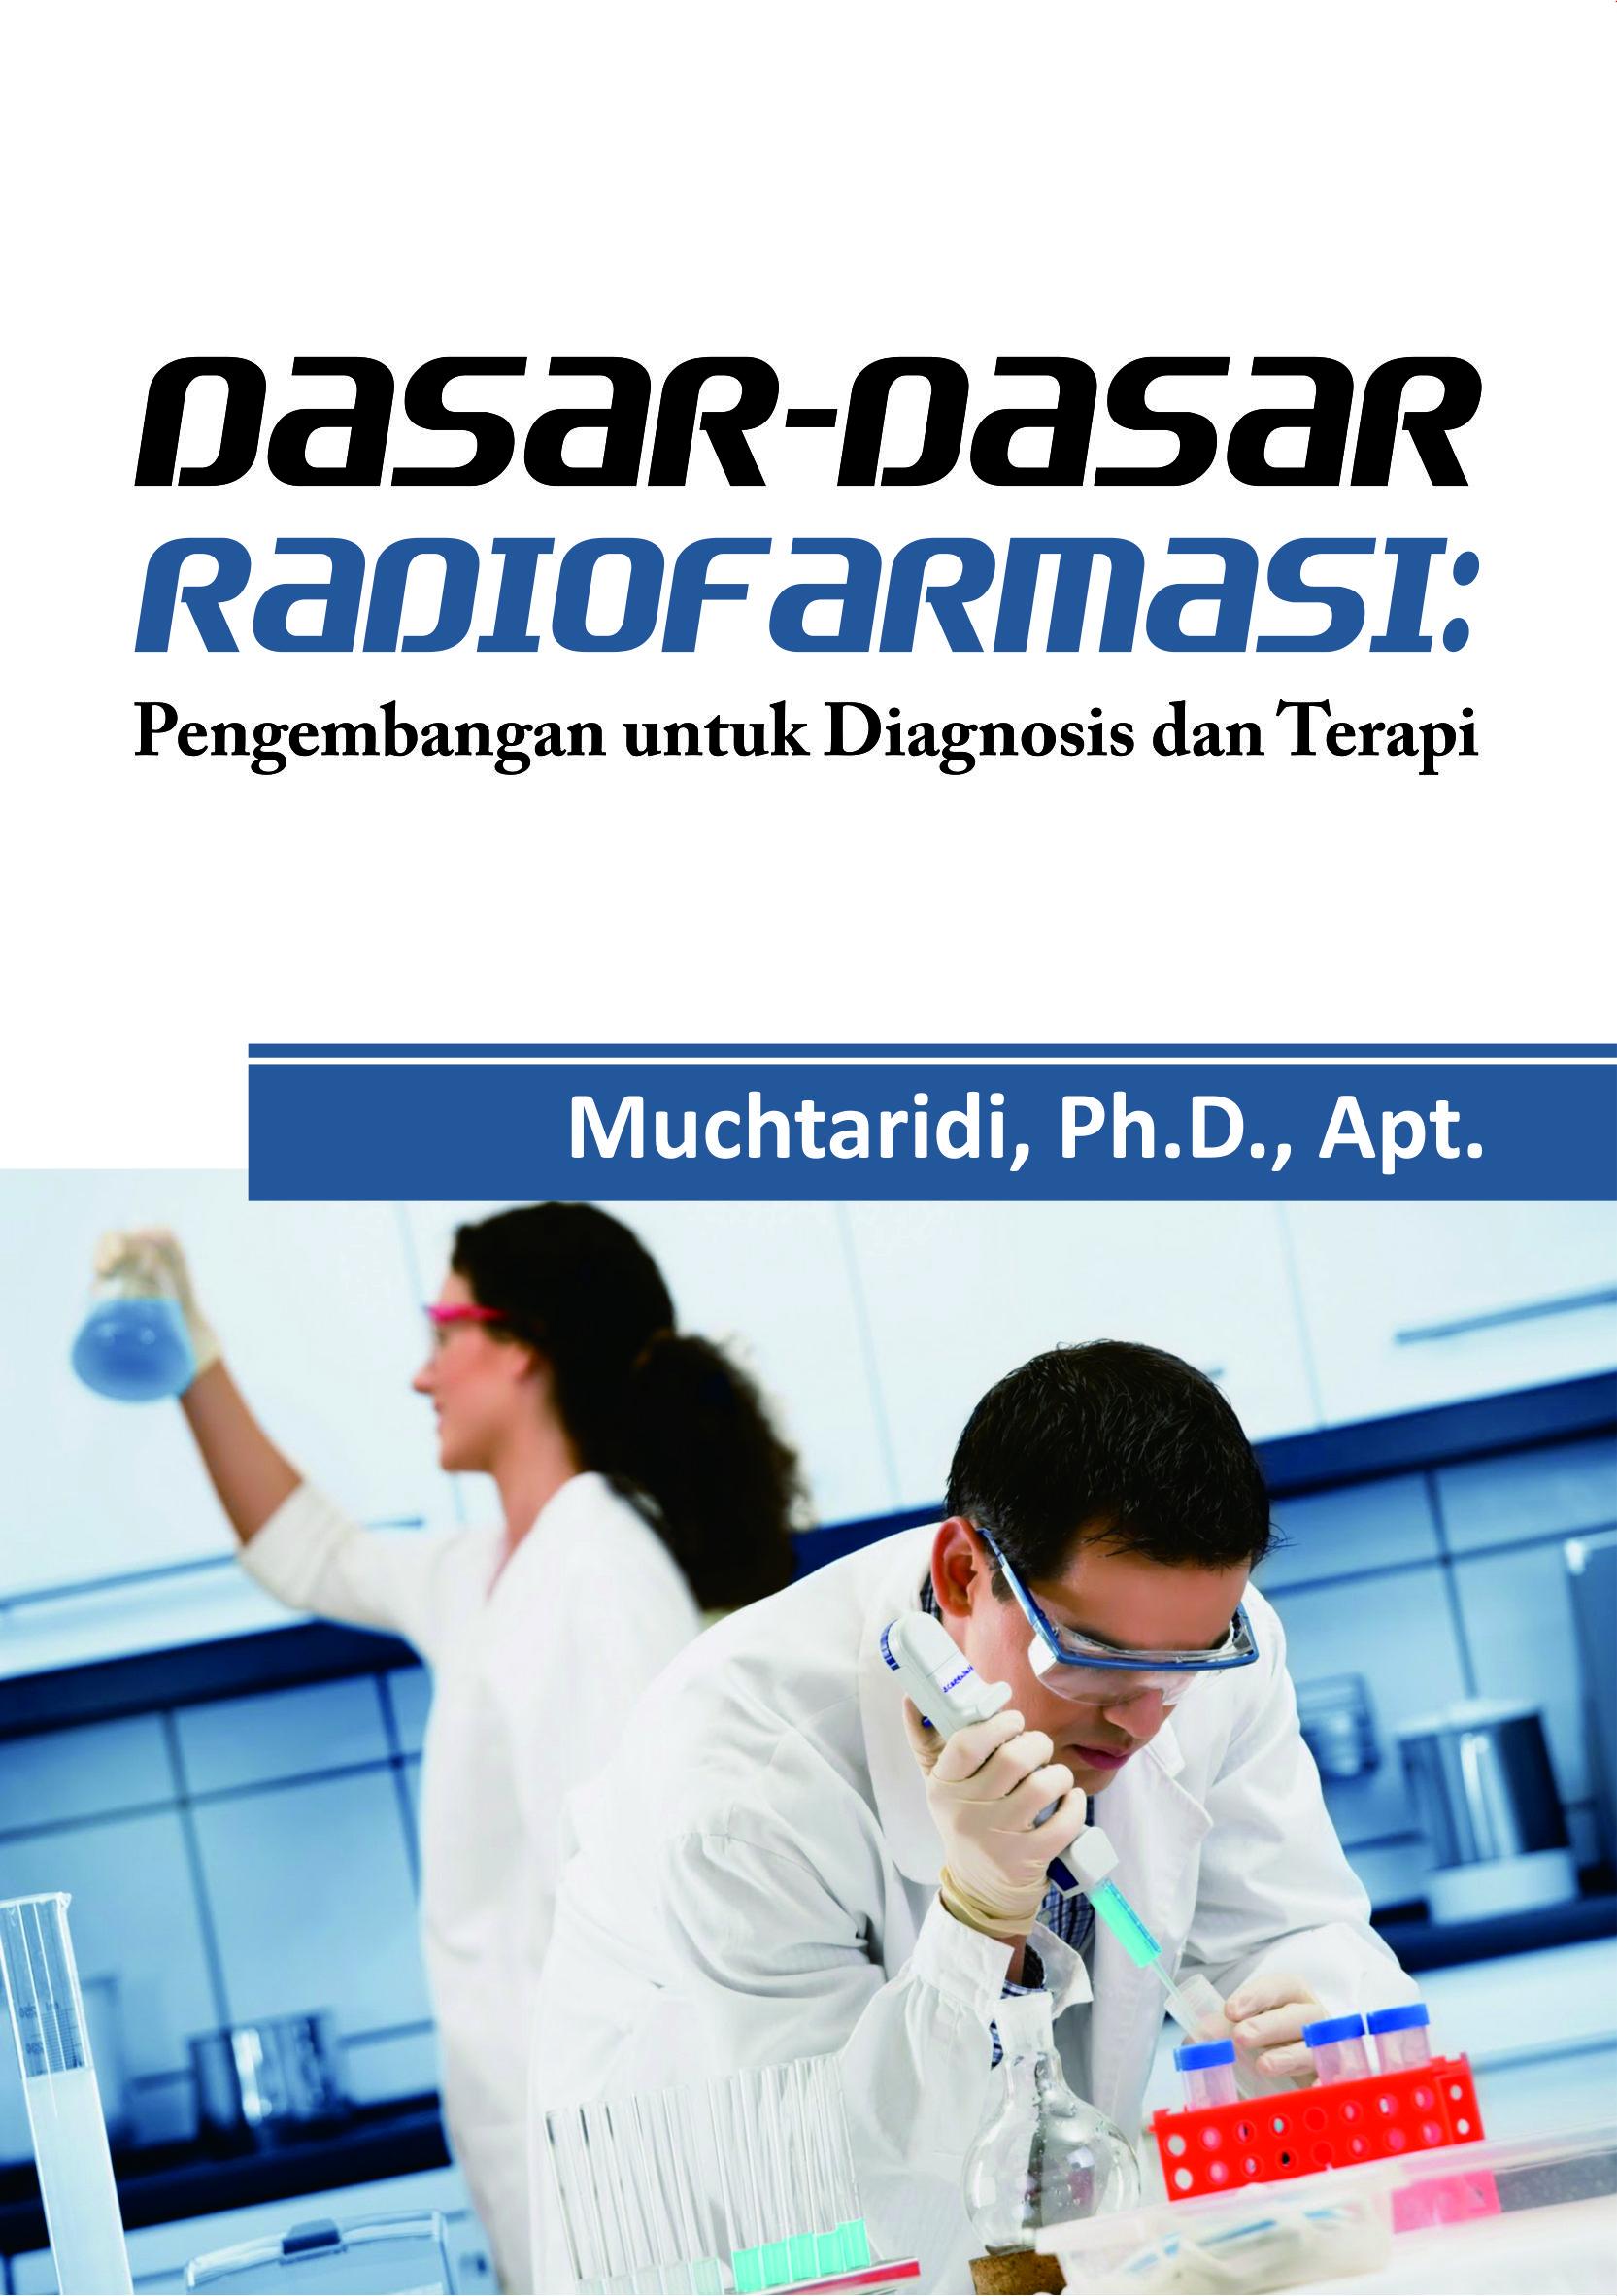 Dasar-dasar radiofarmasi: pengembangan untuk diagnosis dan terapi [sumber elektronis]